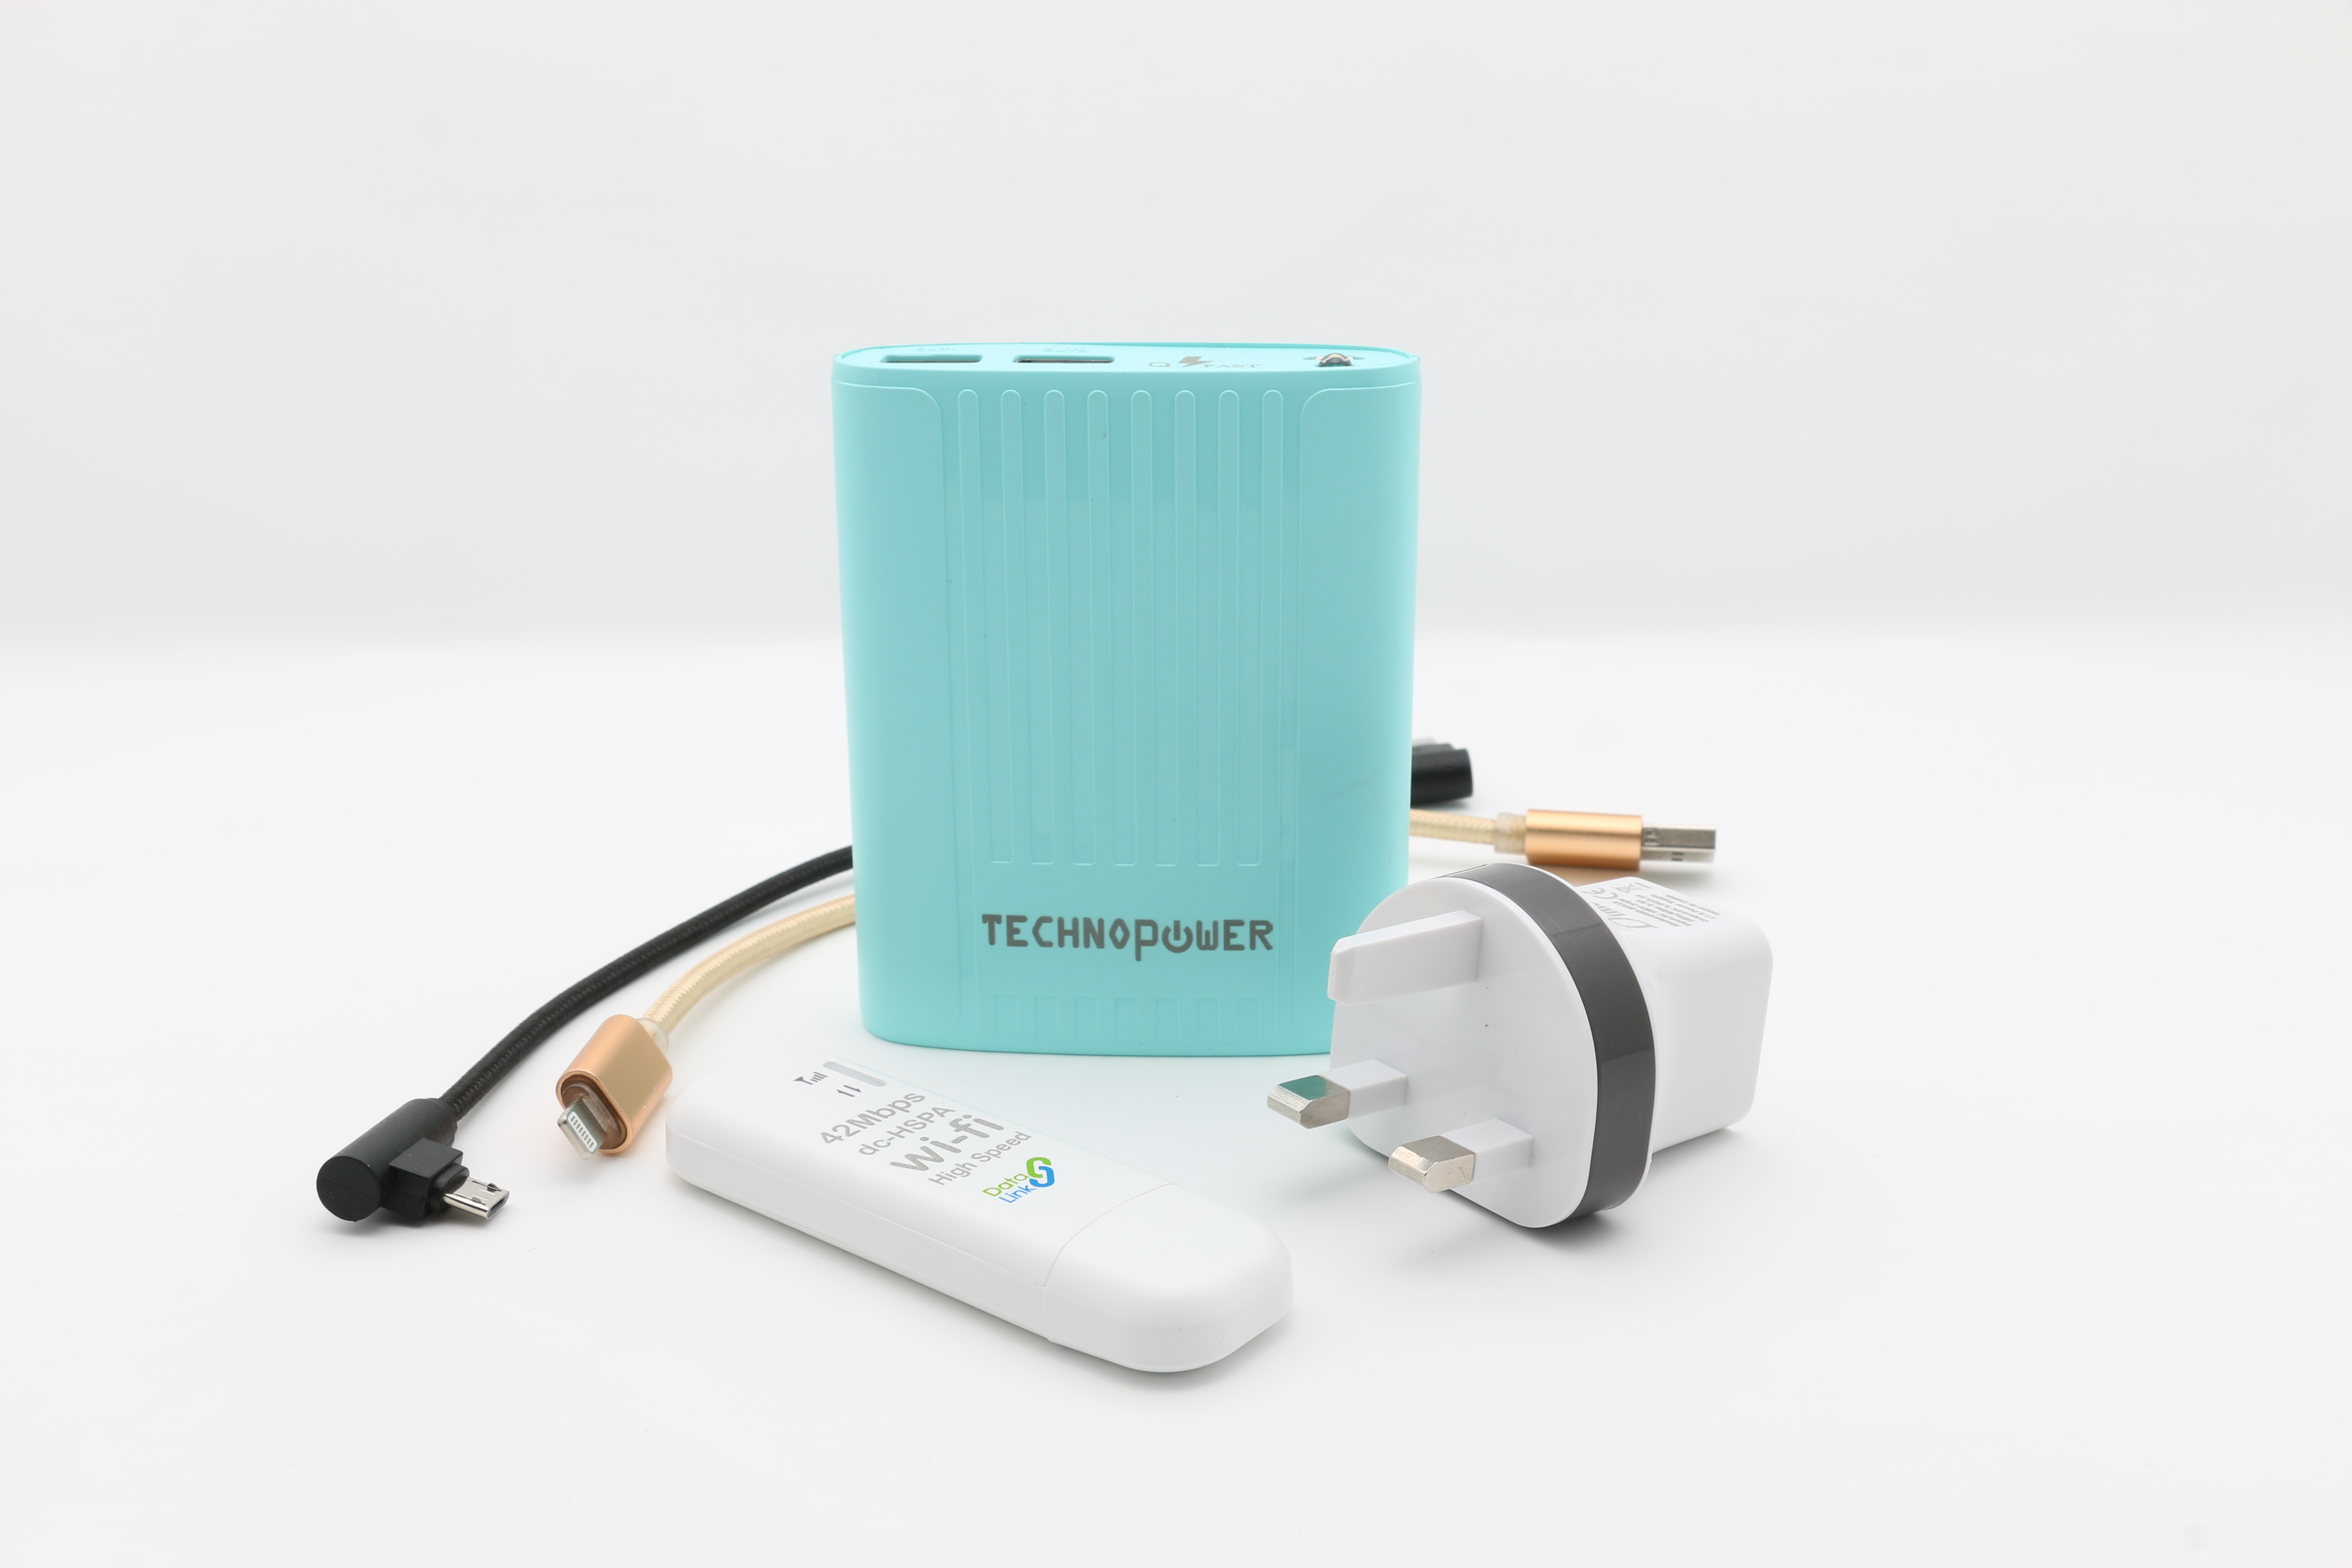 تكنو باور  بنك أزرق  سعة 8800 مللي أمبير مع راوتر - واي فاي USB